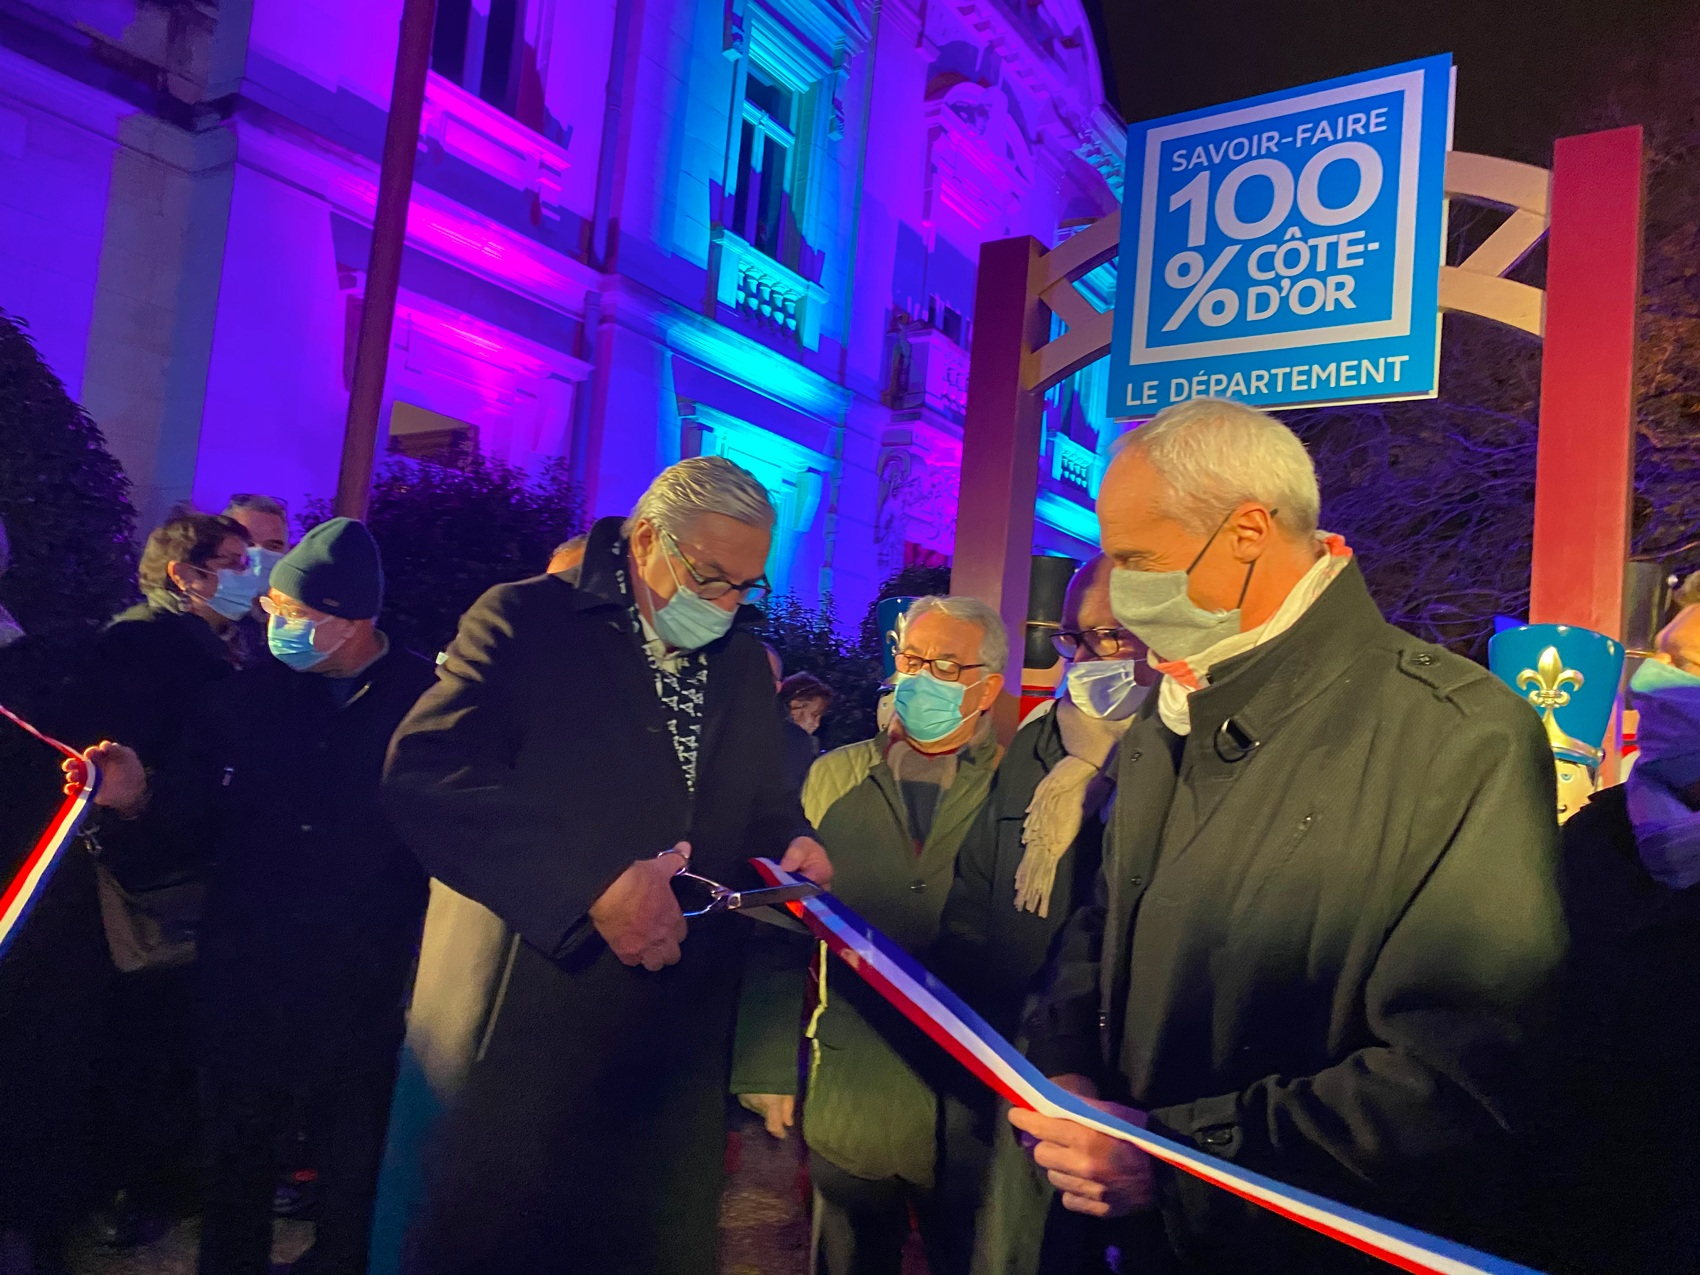 Marché de Noël 100% Côte-d'Or : l'acte de résistance des producteurs et artisans locaux